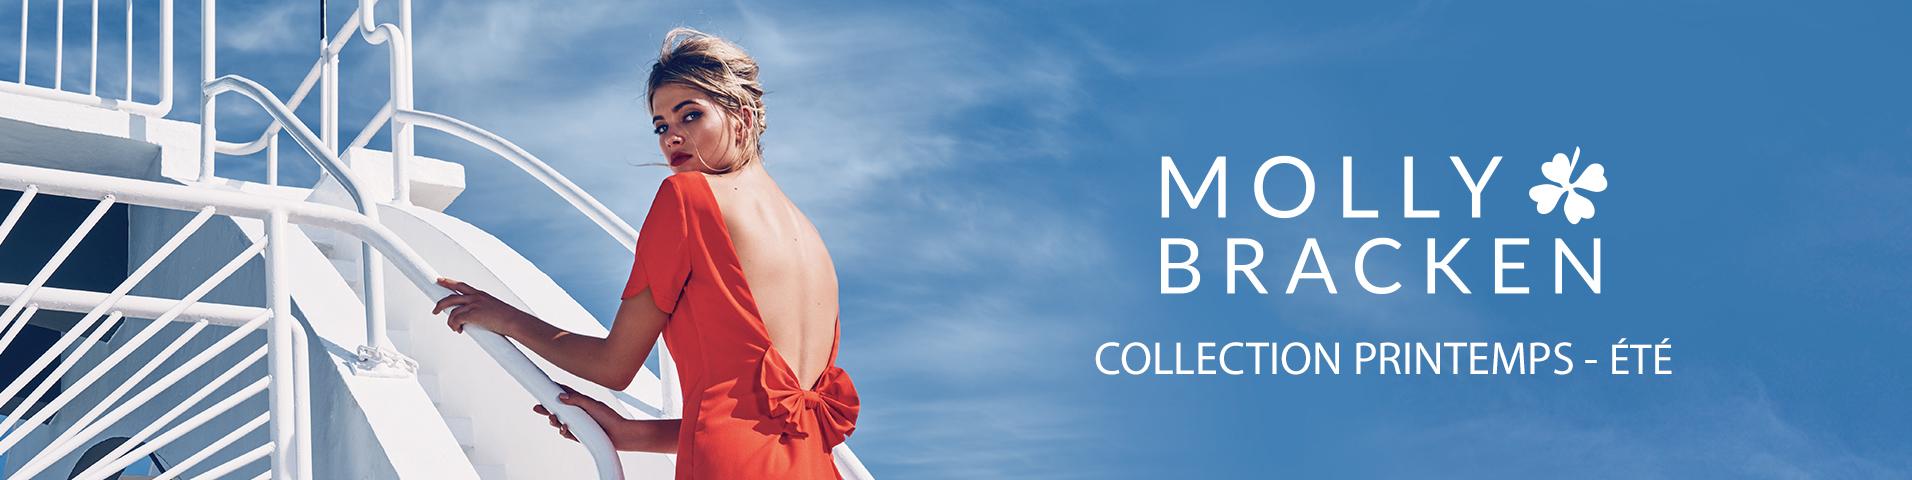 b5229be0f9 Blauwe Molly Bracken Kleedjes online shop • ZALANDO • Ontdek het ...